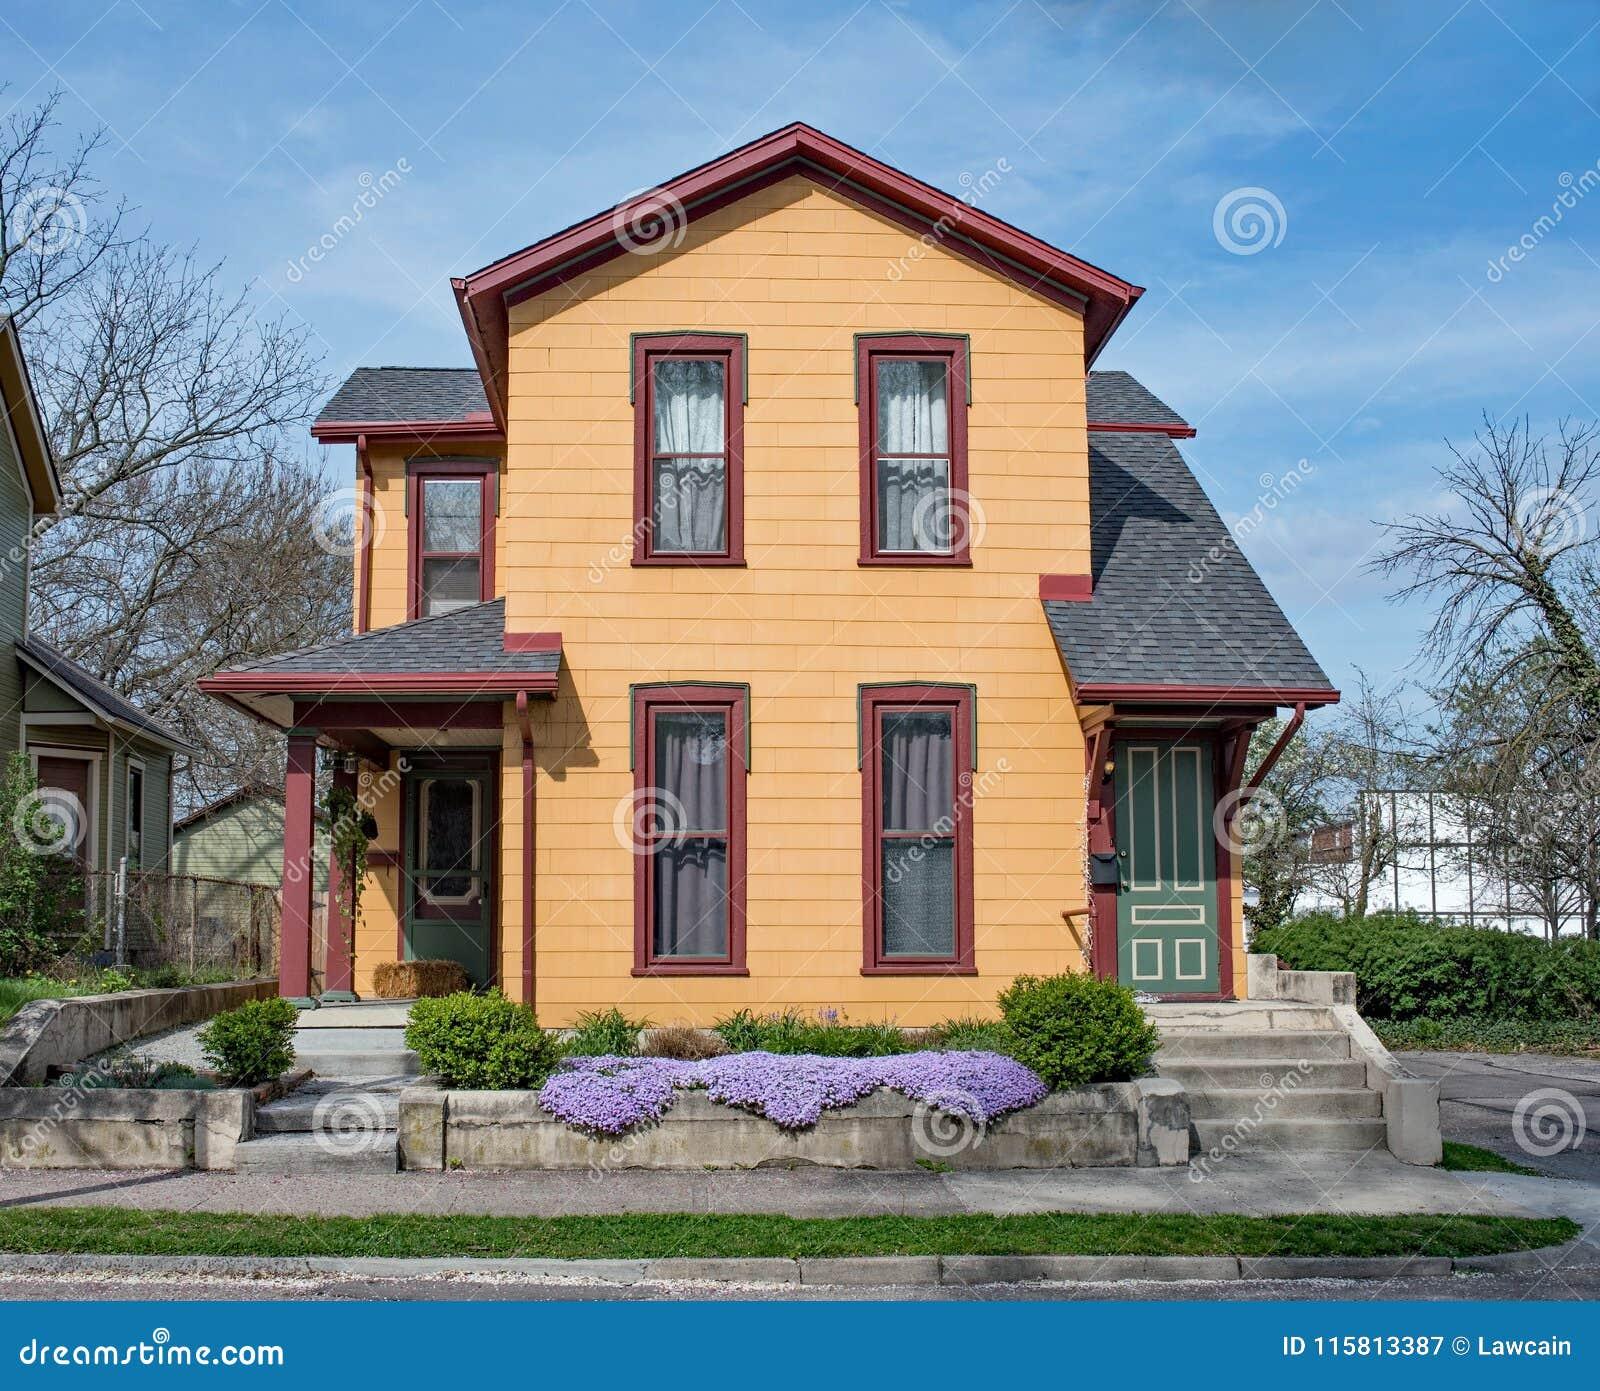 Chambre duplex orange reconstituée avec le phlox pourpre